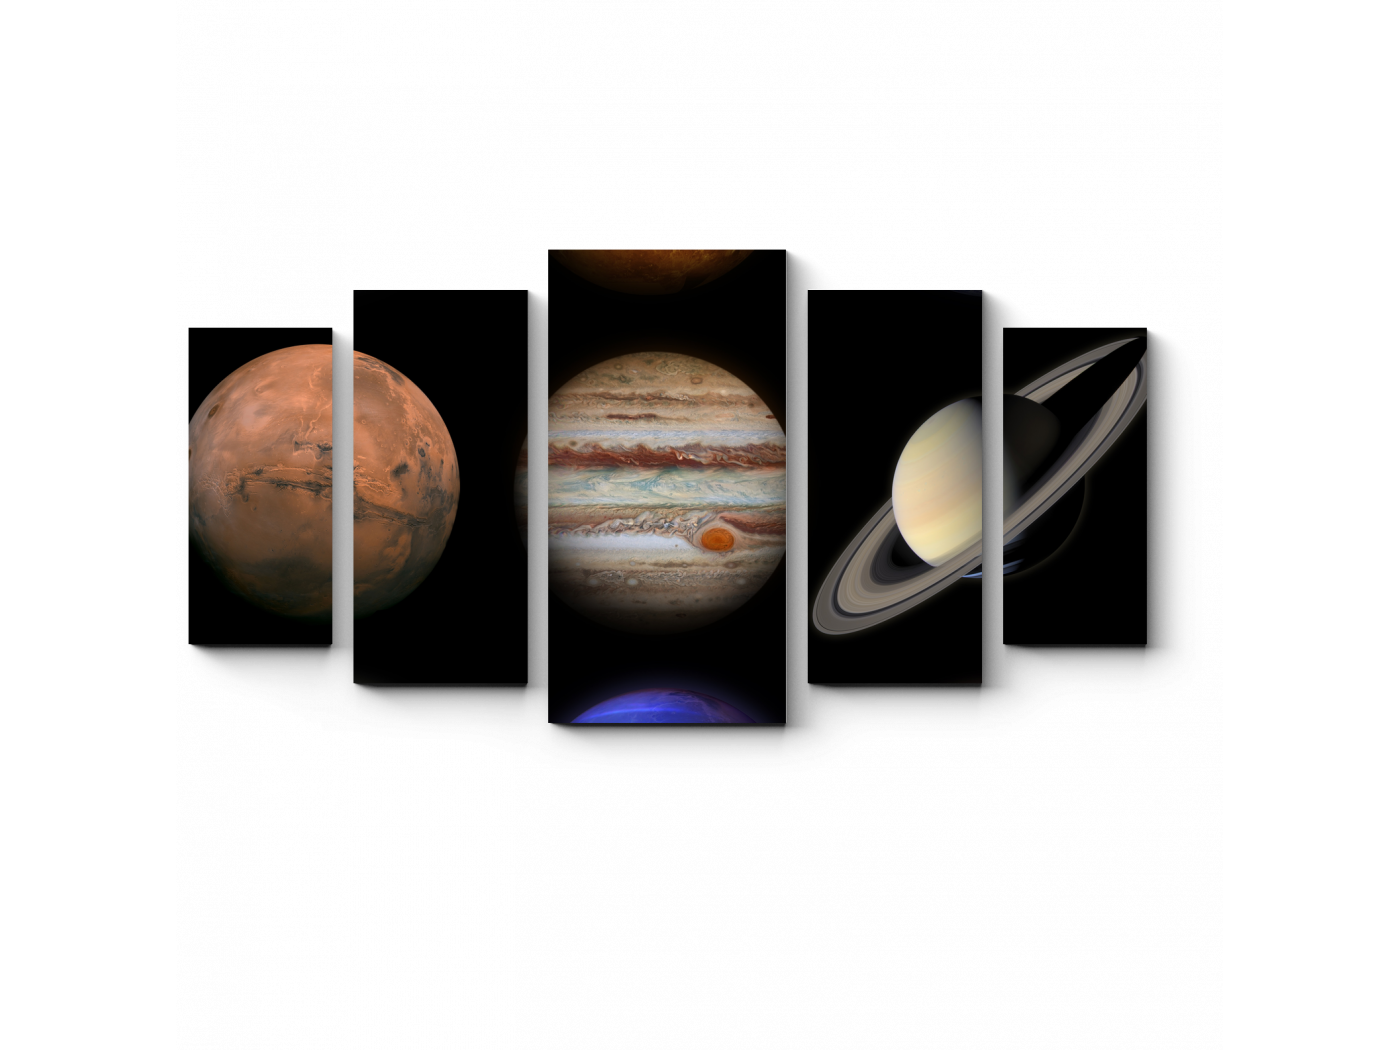 Модульная картина Планеты солнечной системы (100x55) фото